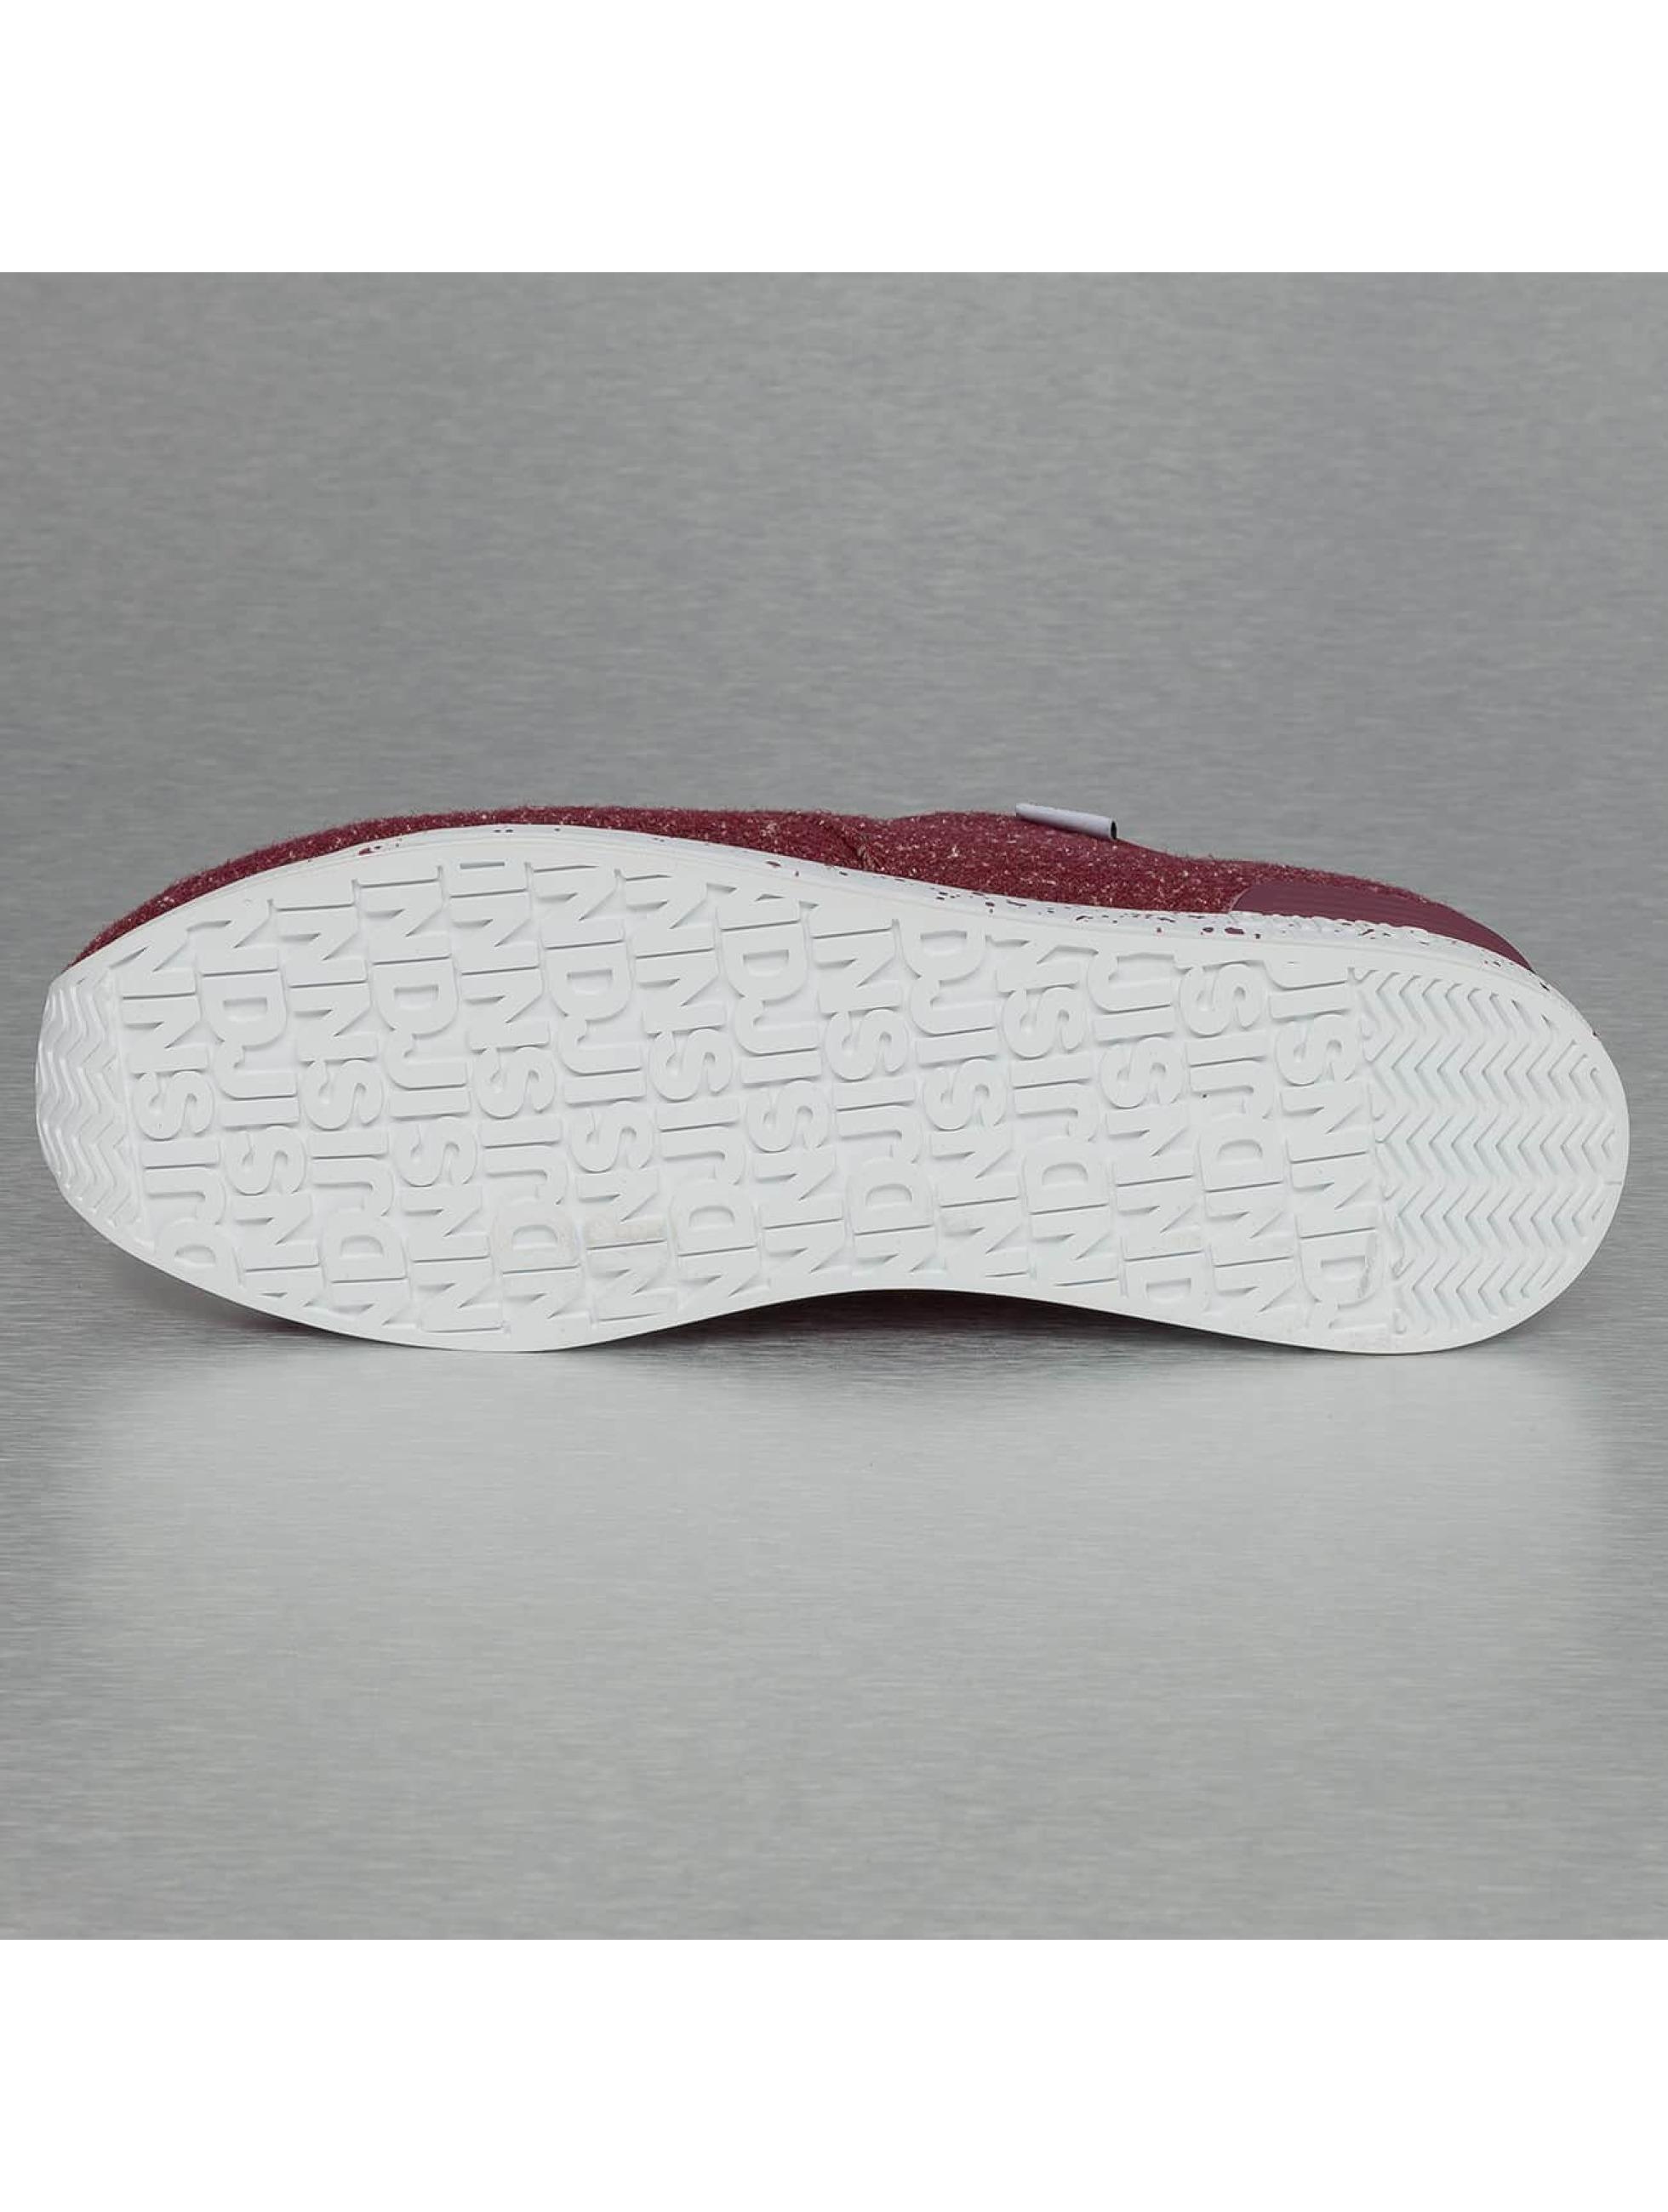 Djinns Baskets Moc Lau Spots rouge